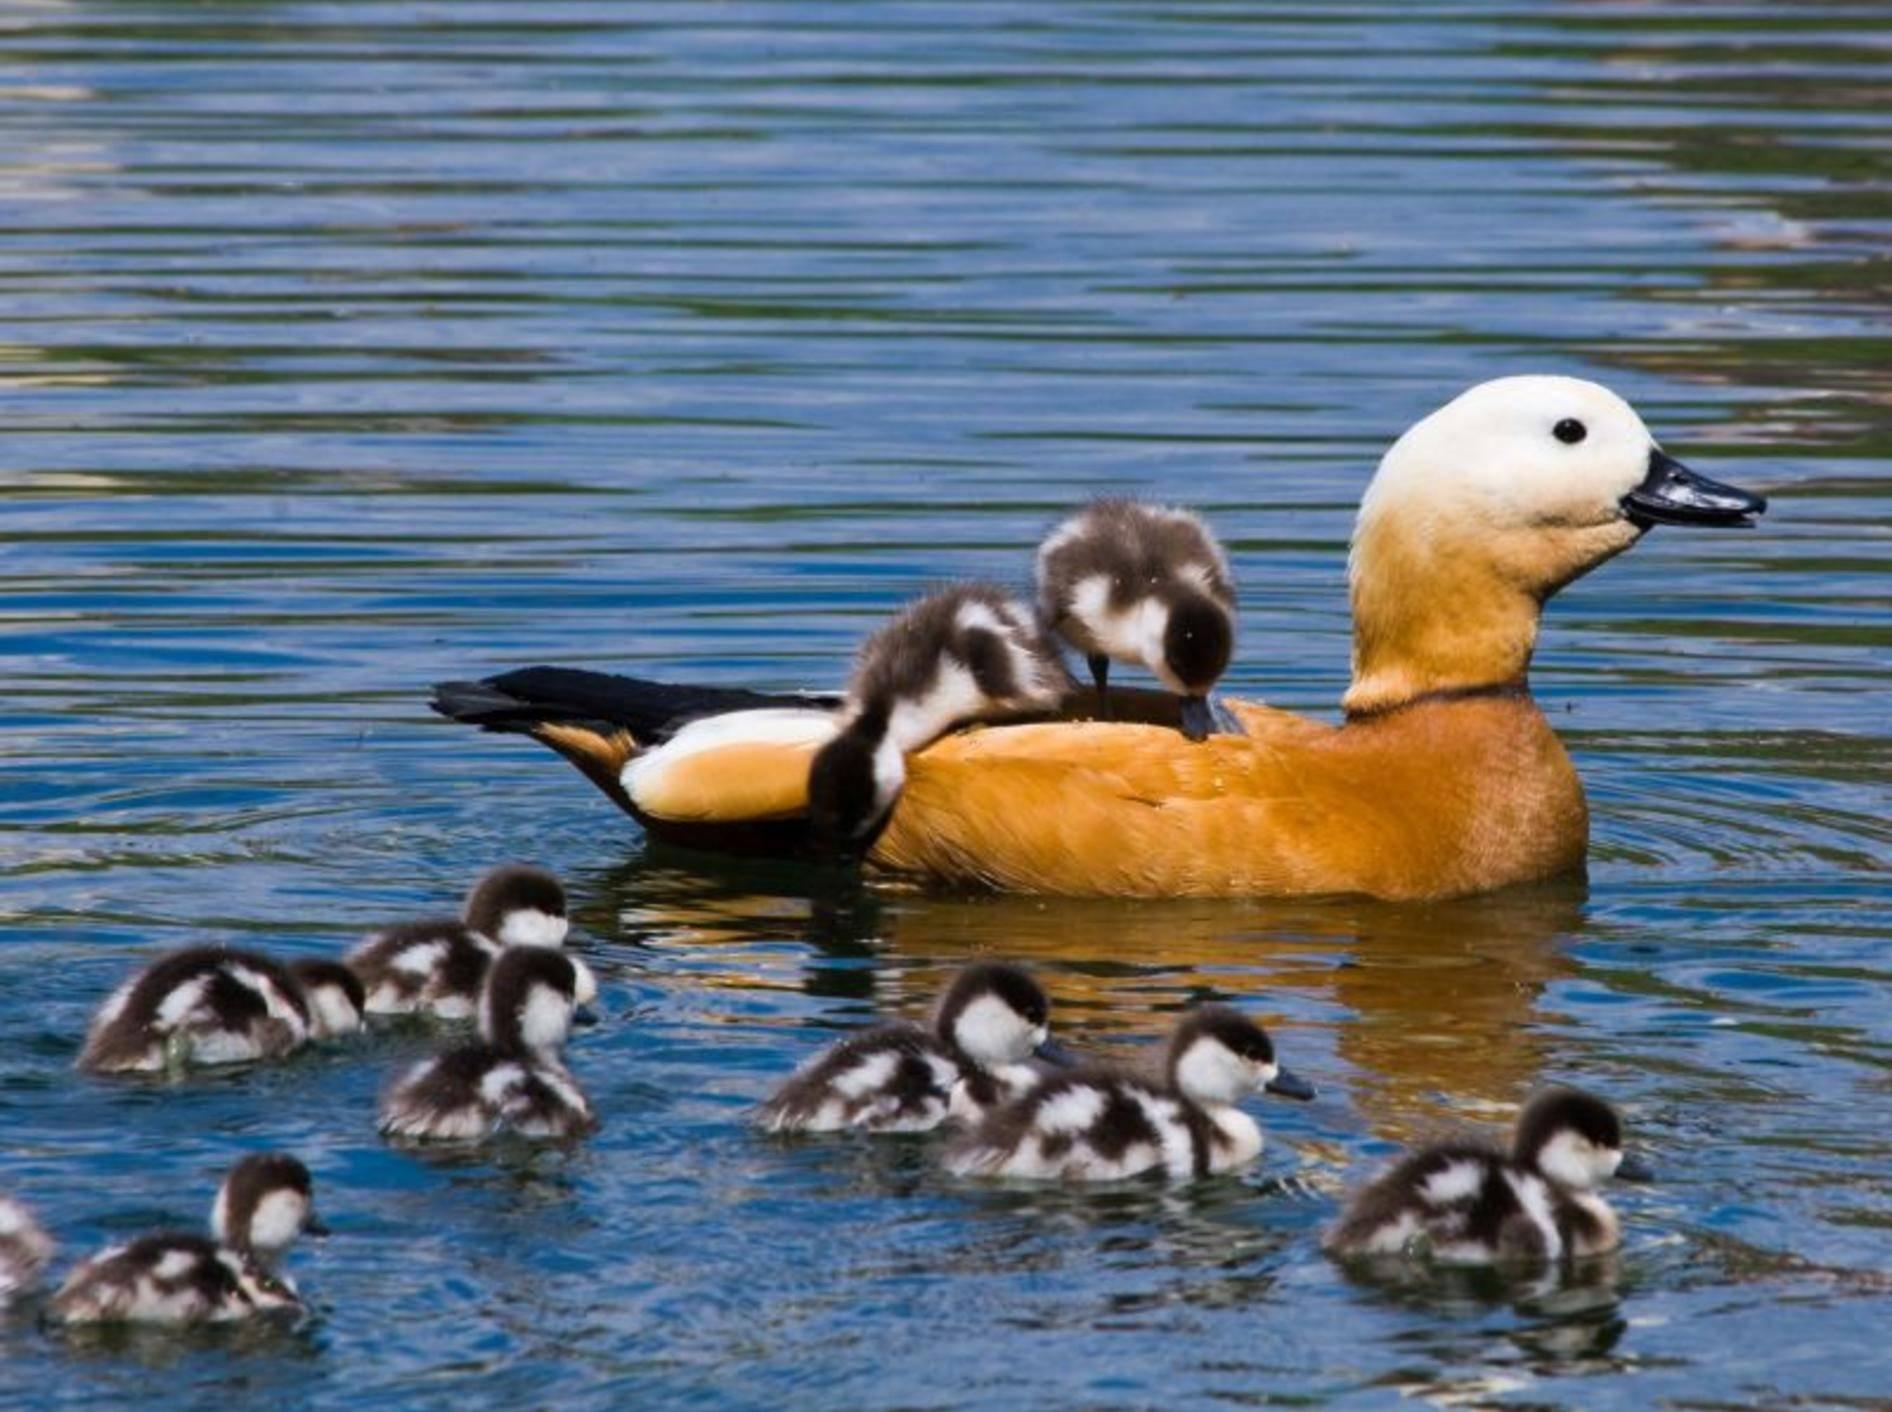 Entenmutter mit ihren Küken: Bloß keinen verlieren! — Bild: Shutterstock / Vishnevskiy Vasily